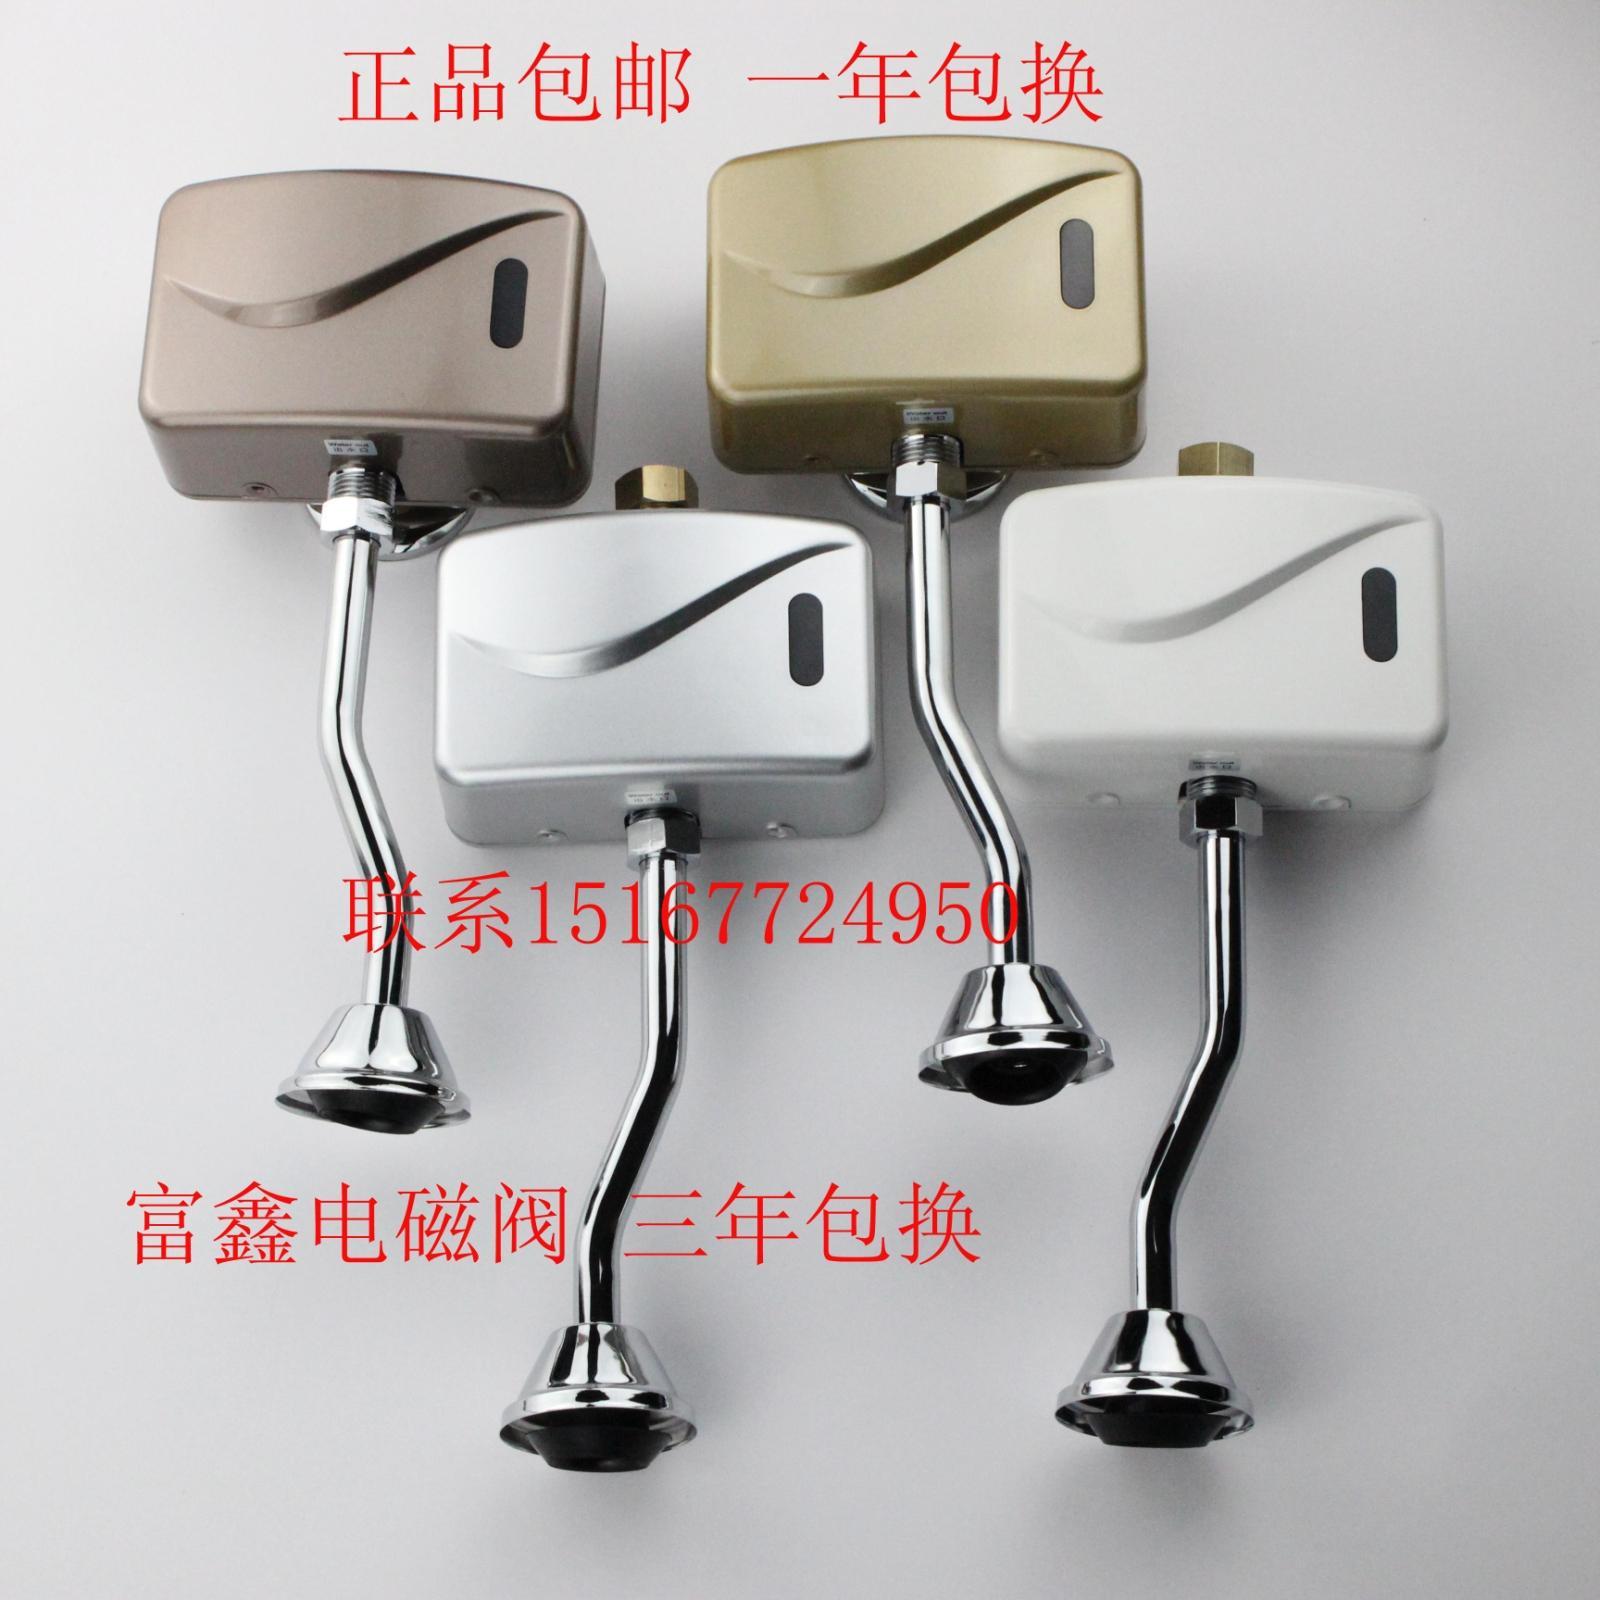 Спеццена доставка включена поверхностный монтаж индукция моча устройство писсуаров датчики автоматическая индукция моча бассейн индукция порыв клапан